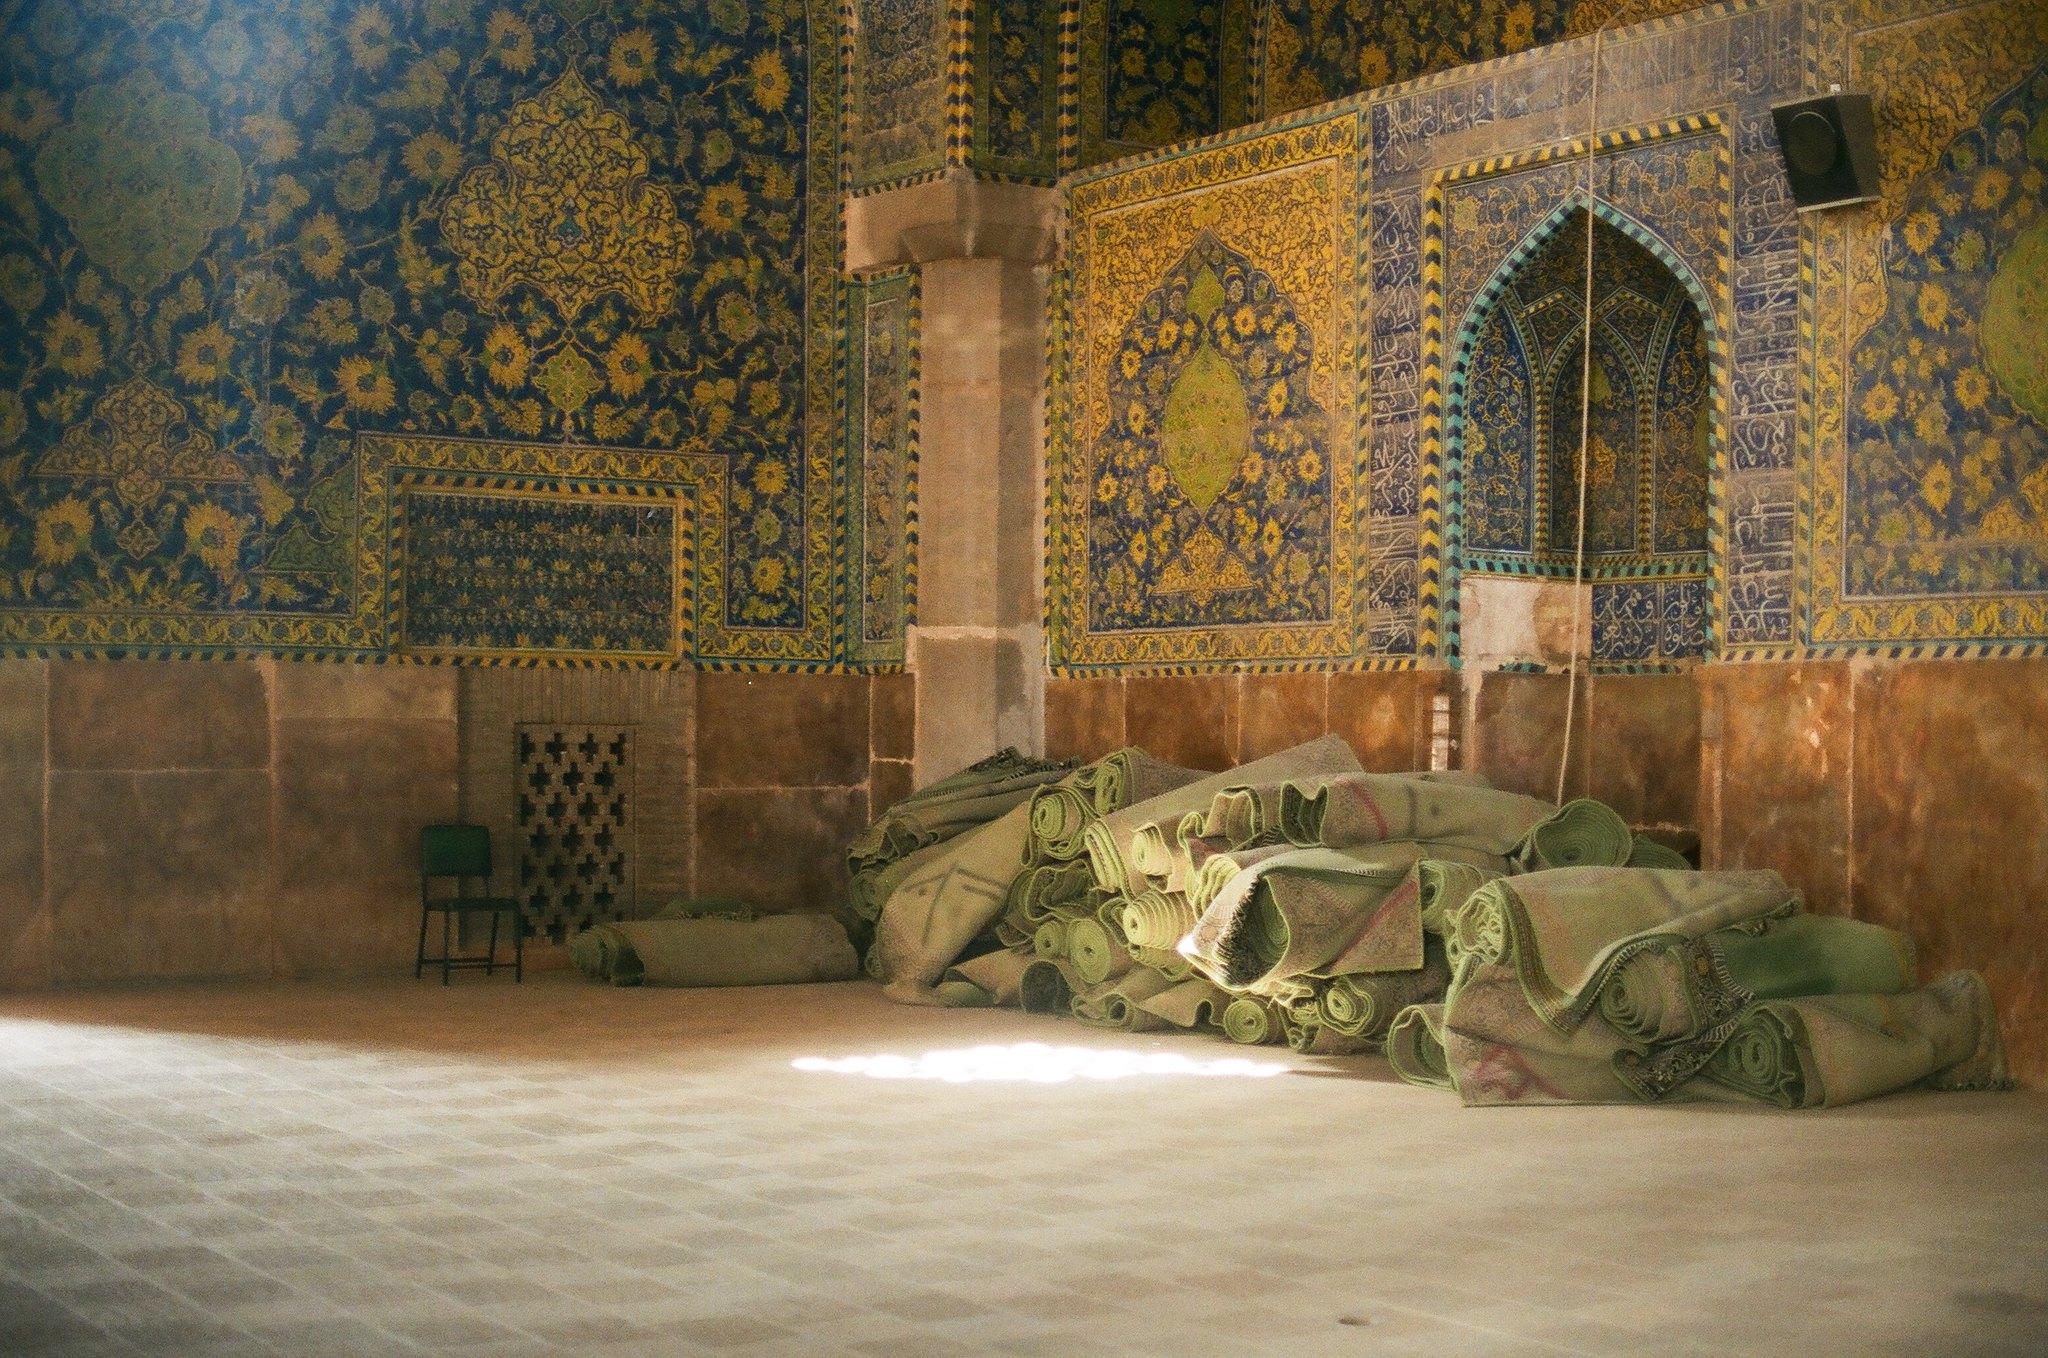 جاذبههای گردشگری اصفهان همراه با عکس و توضیحات